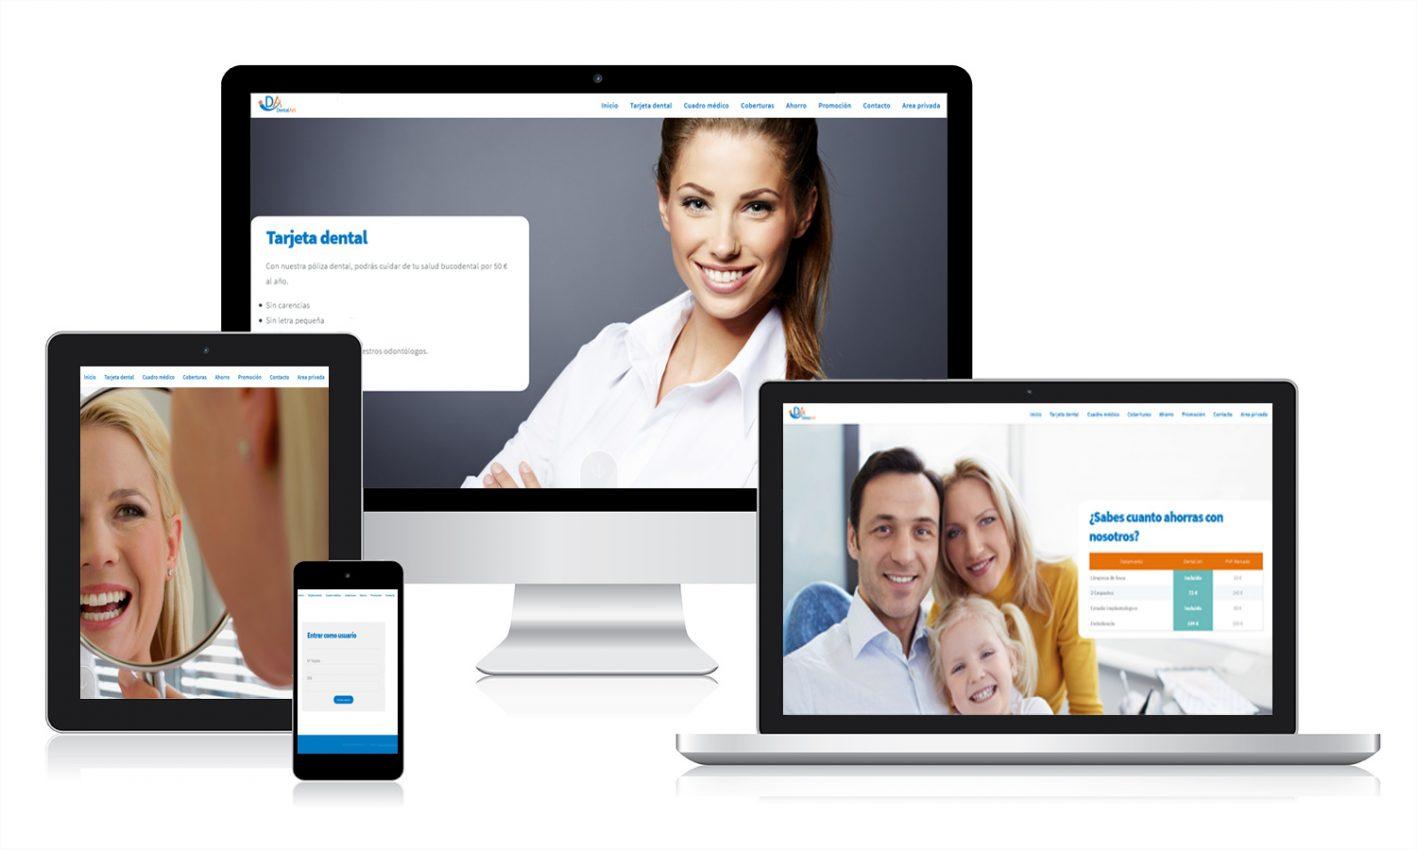 Desarrollo página web para Dentalart